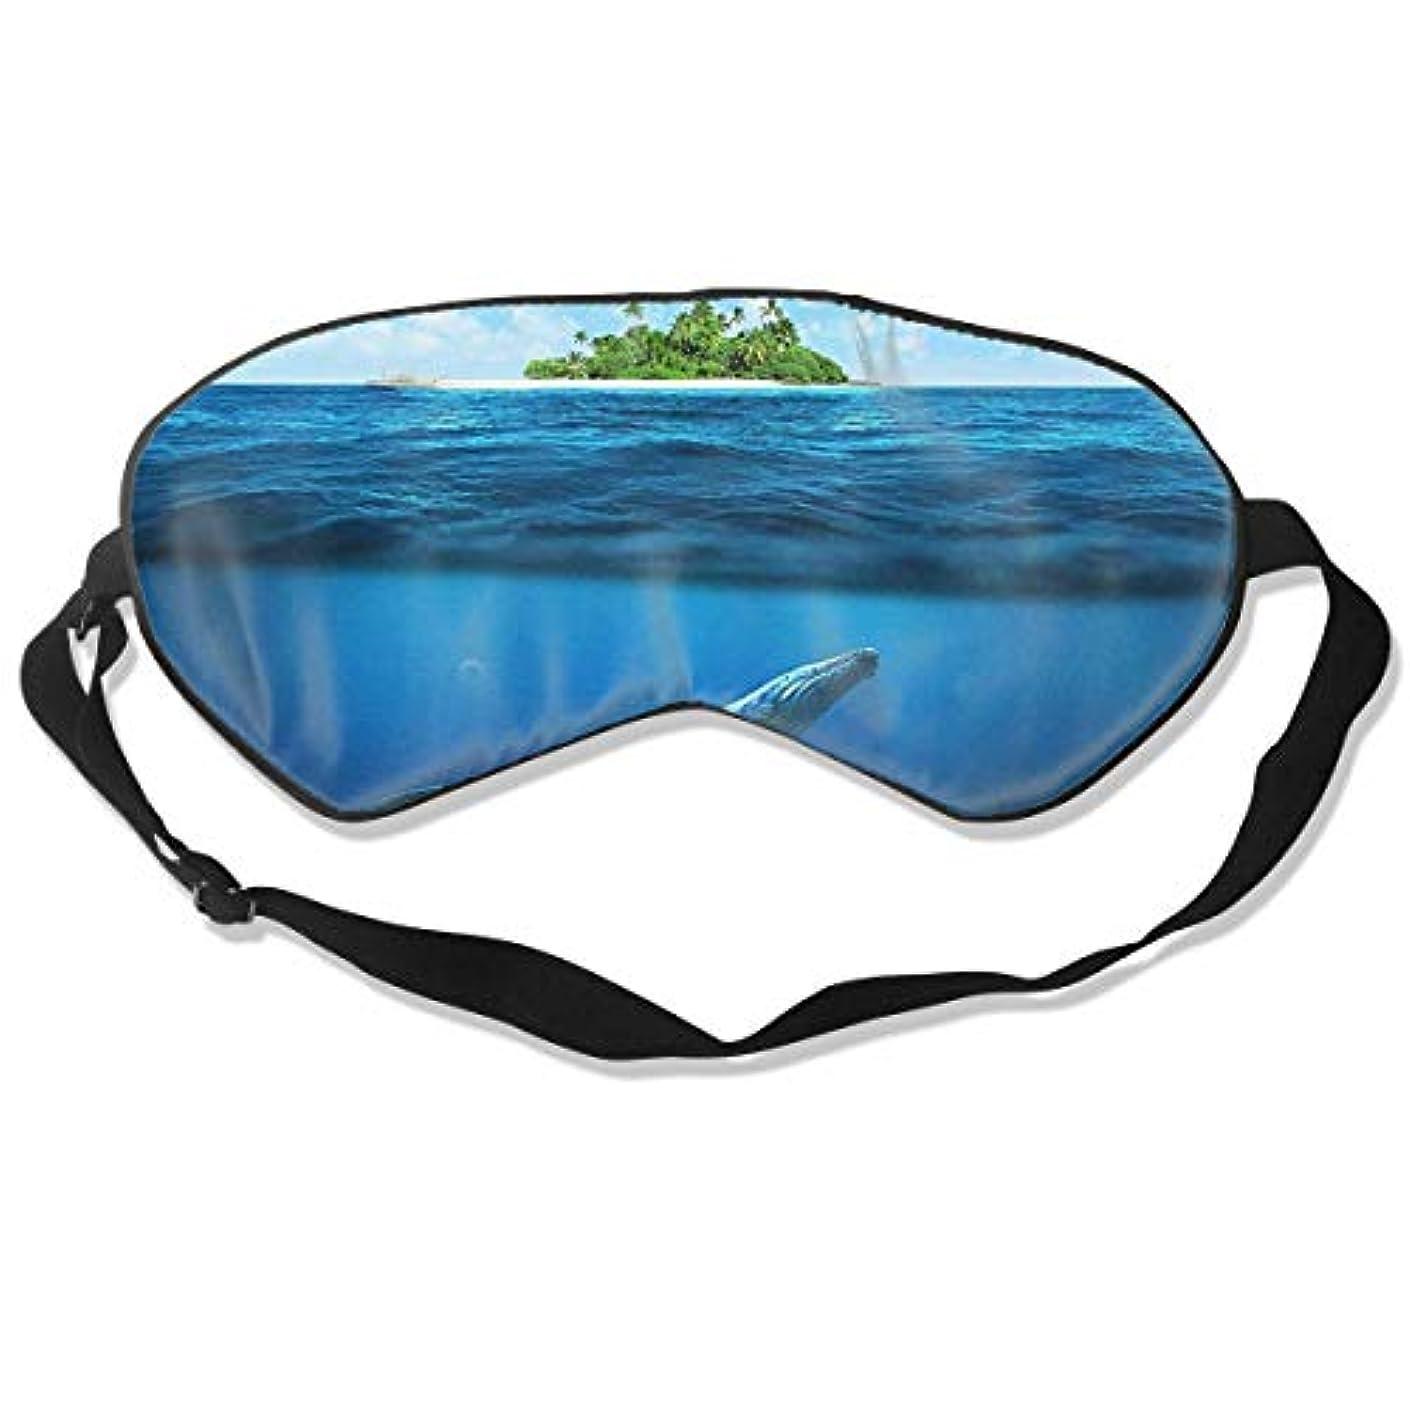 スカイスライム体通気性のある睡眠マスク、簡単な睡眠、旅行、リラクゼーション、シフトワークのためのスーパーソフトアイマスク(ザトウクジラ-熱帯の島の海)